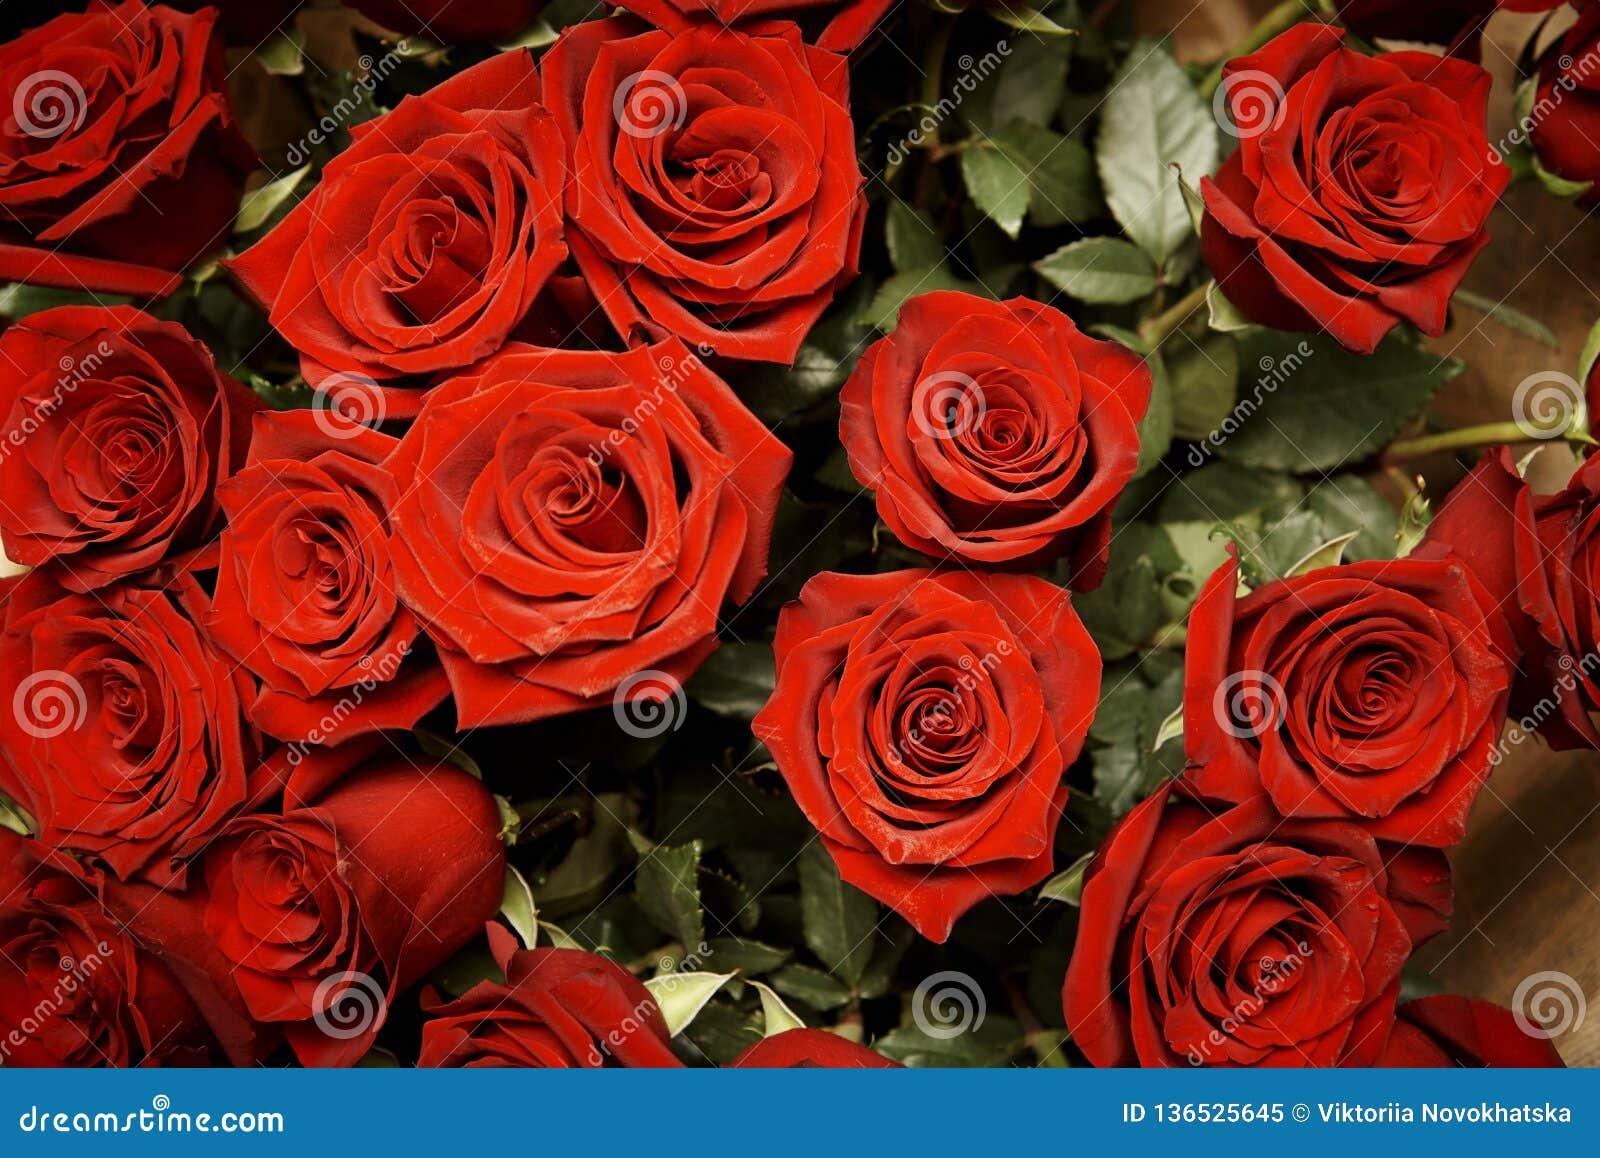 Blumenstrauß von blühenden dunkelroten Rosen